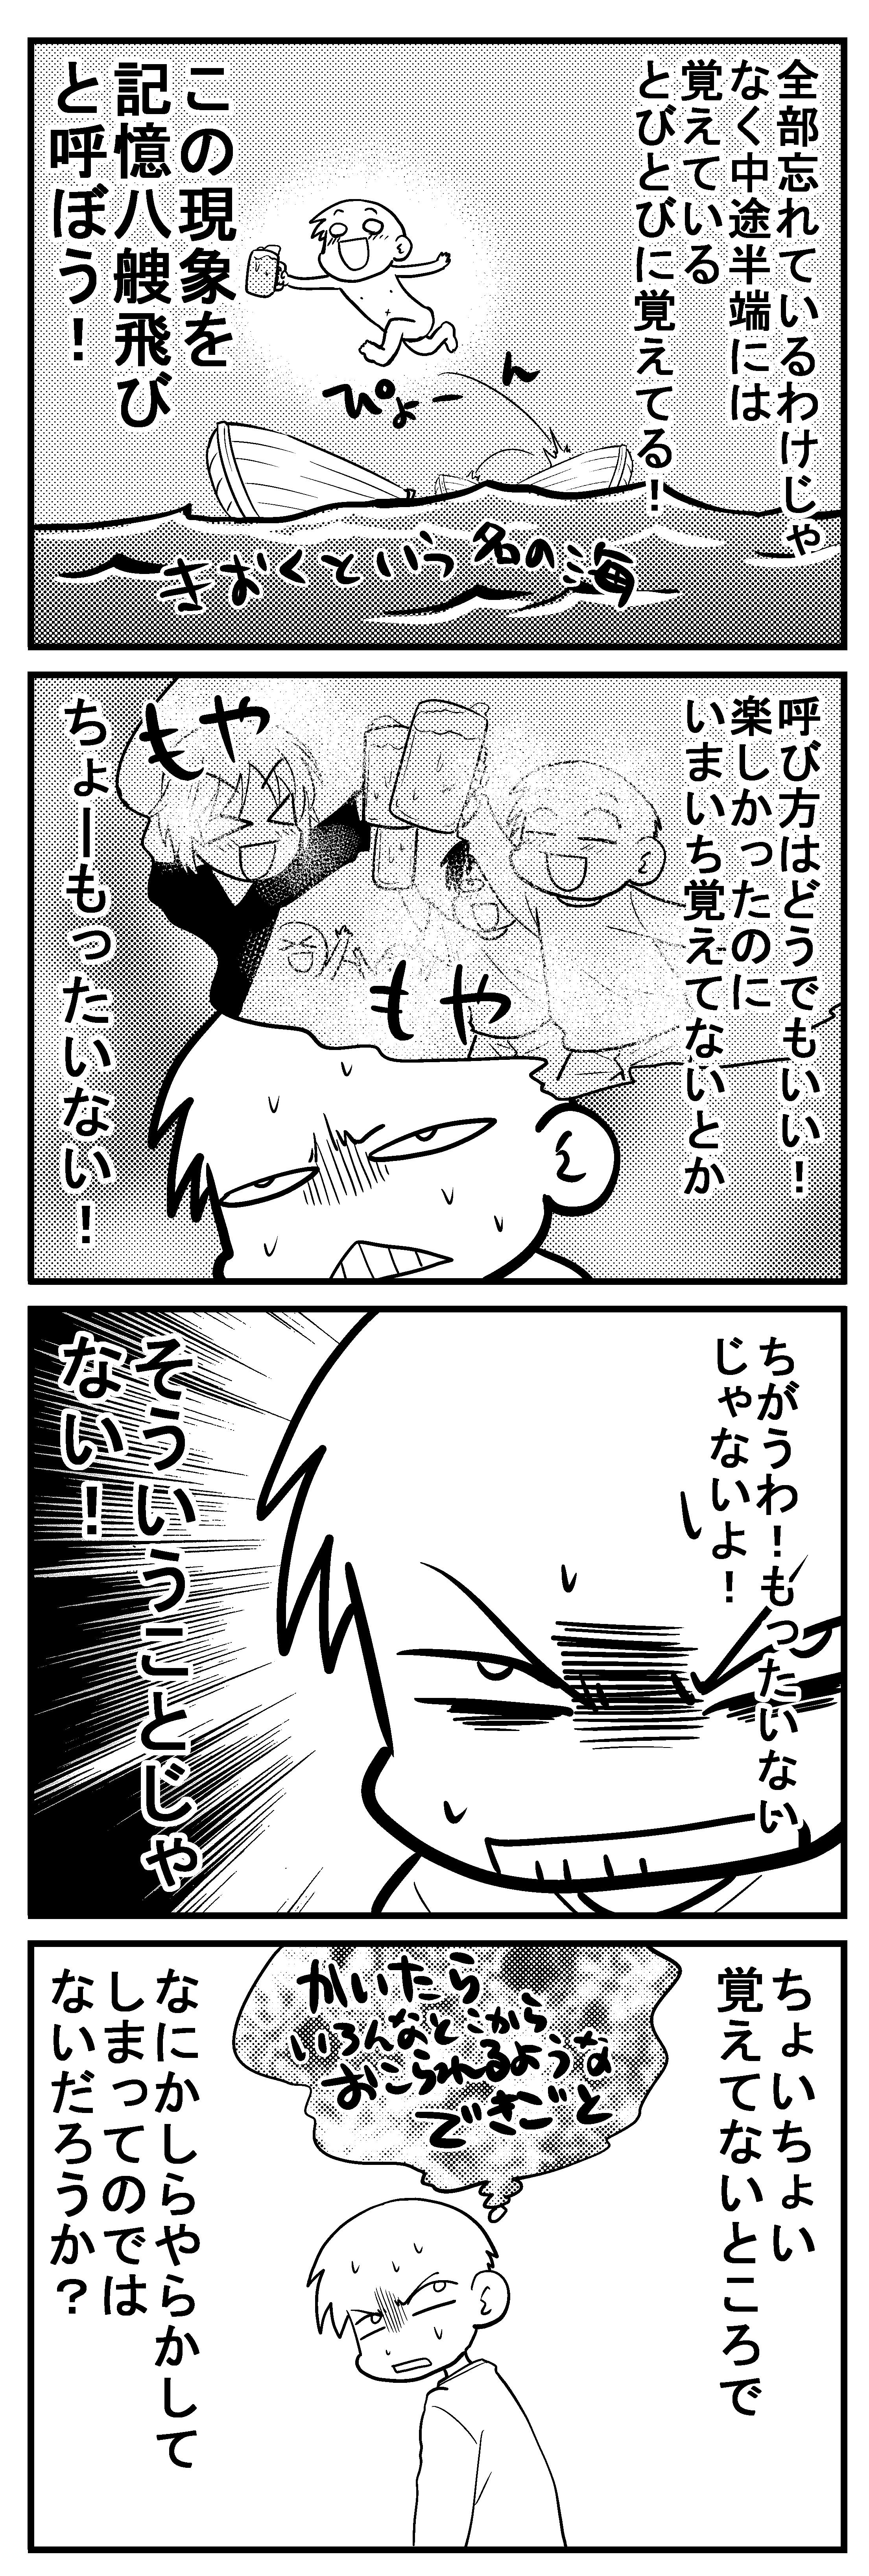 深読みくん47-2